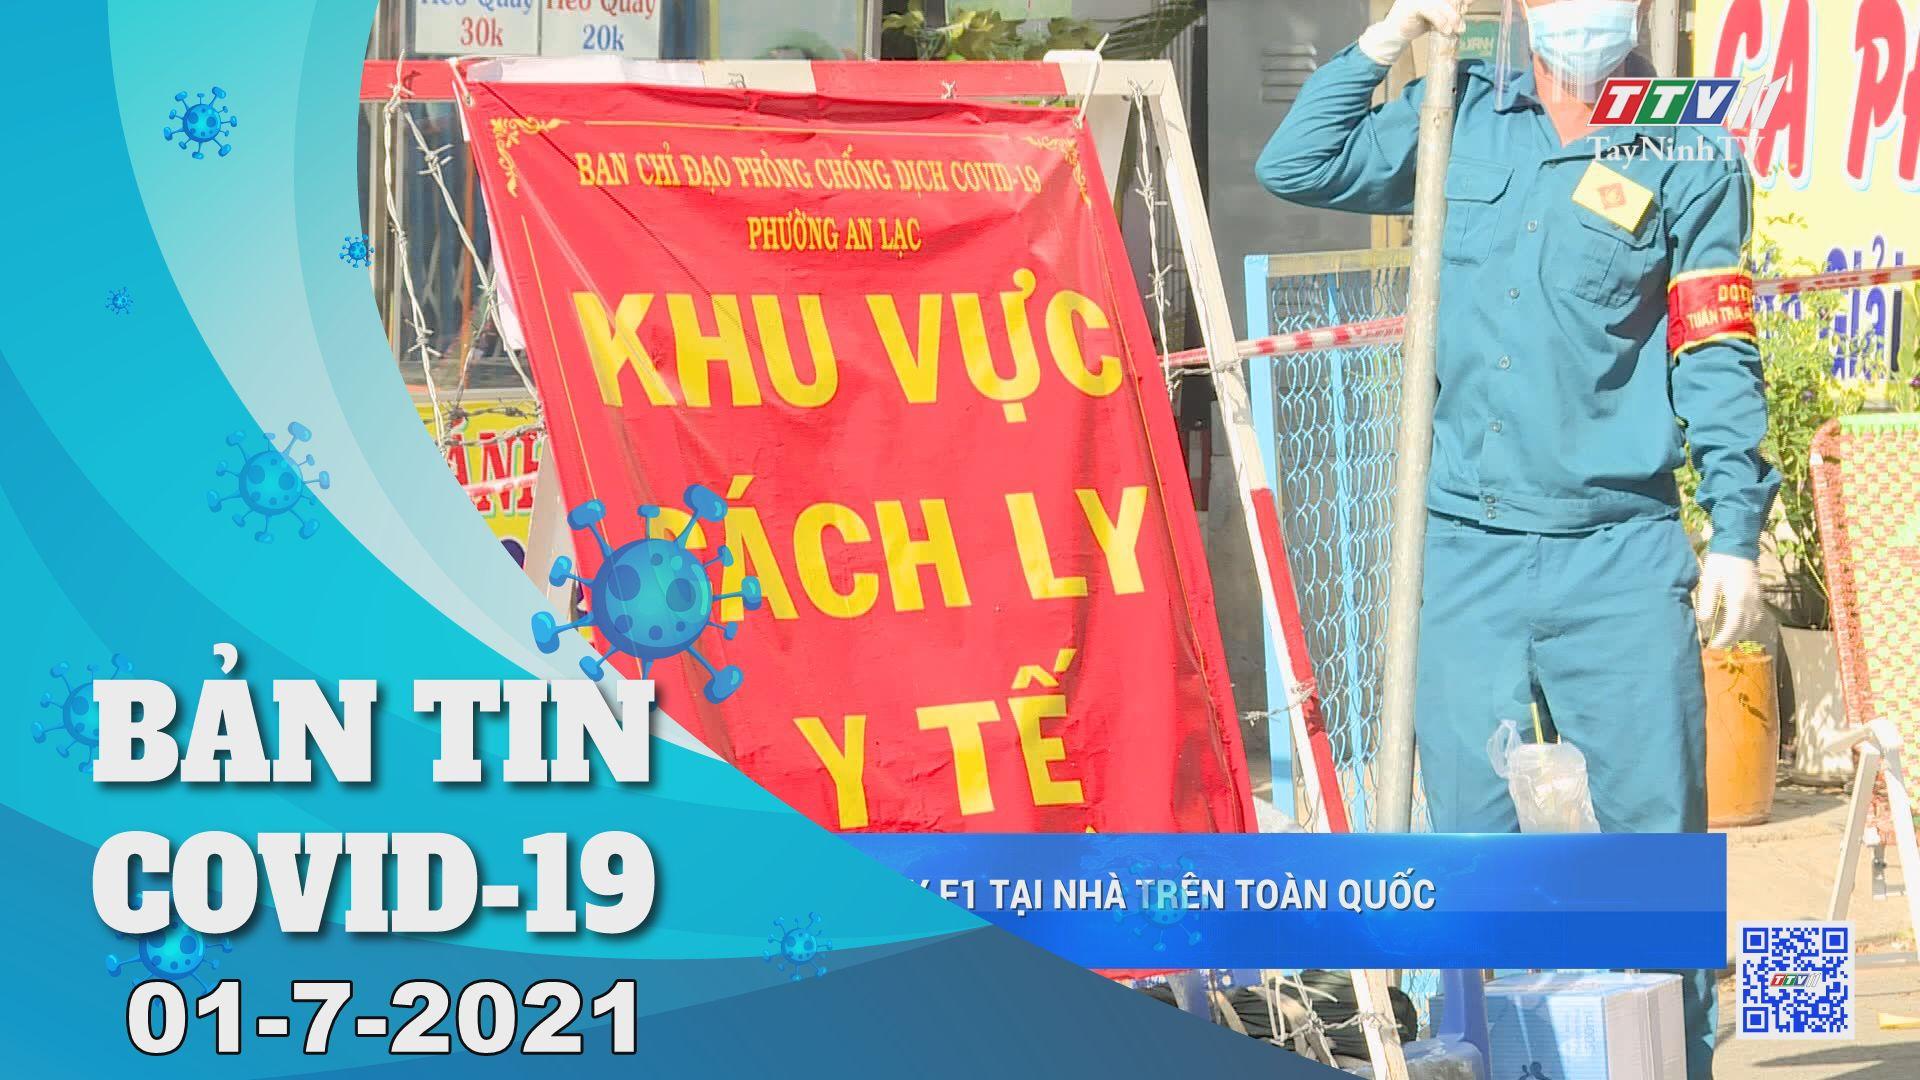 Bản tin Covid-19   Tin tức hôm nay 01-7-2021   TâyNinhTV